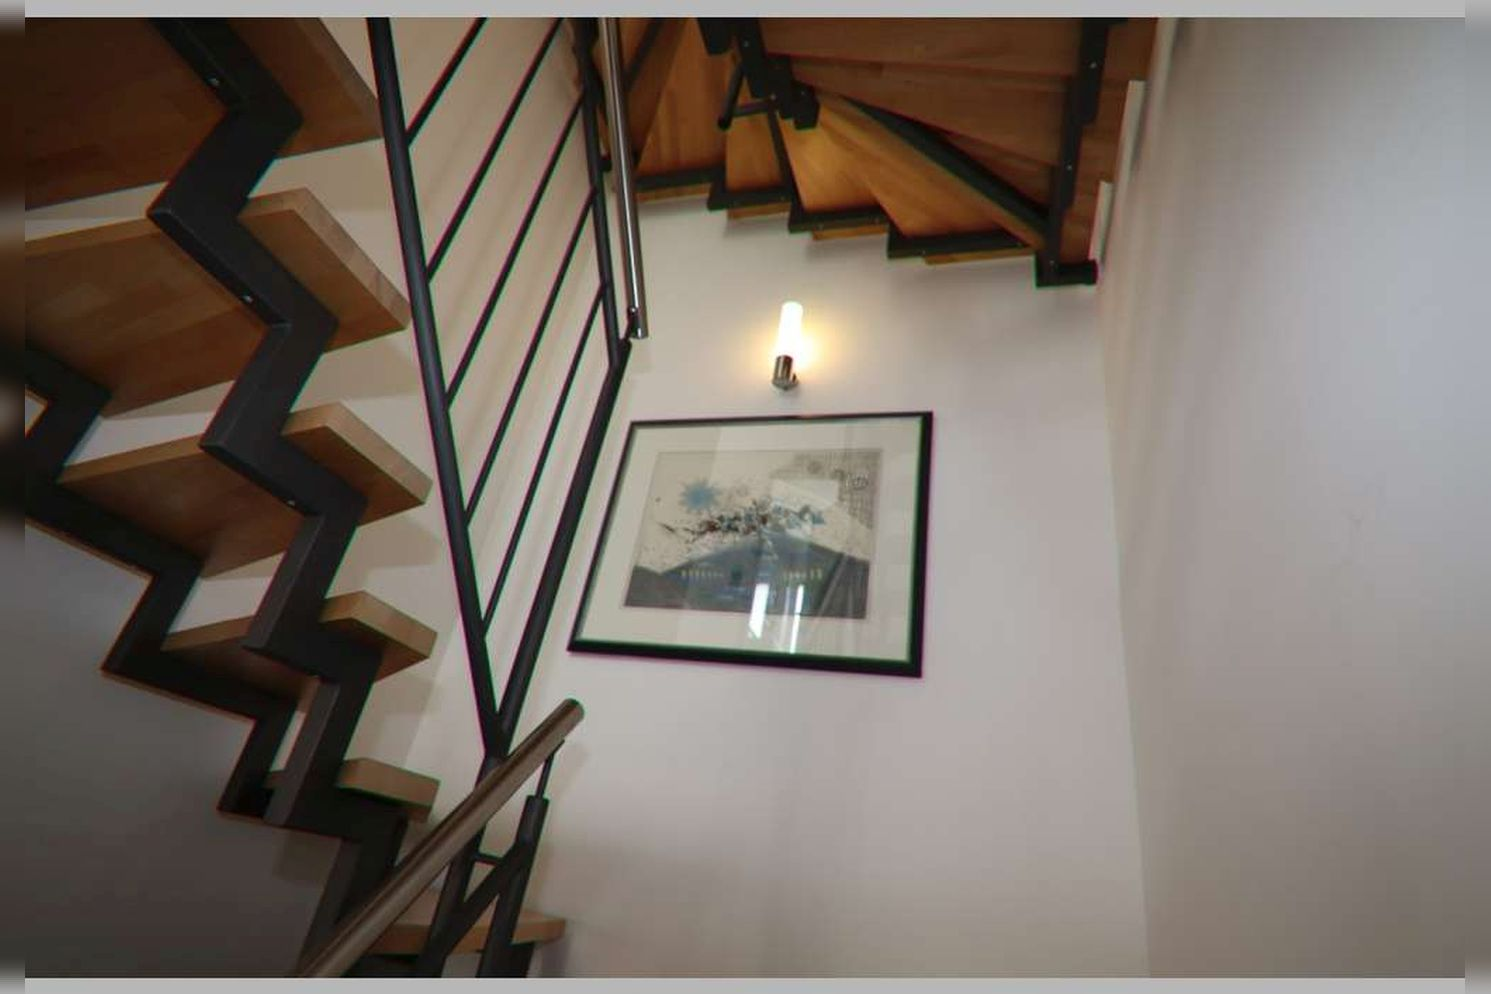 Immobilie Nr.0267 - Doppelhaushälfte mit 4 Zimmern, Küche, Diele, Badzimmer, Gäste-WC, Garten und Garage - nicht unterkellert - Bild 13.jpg